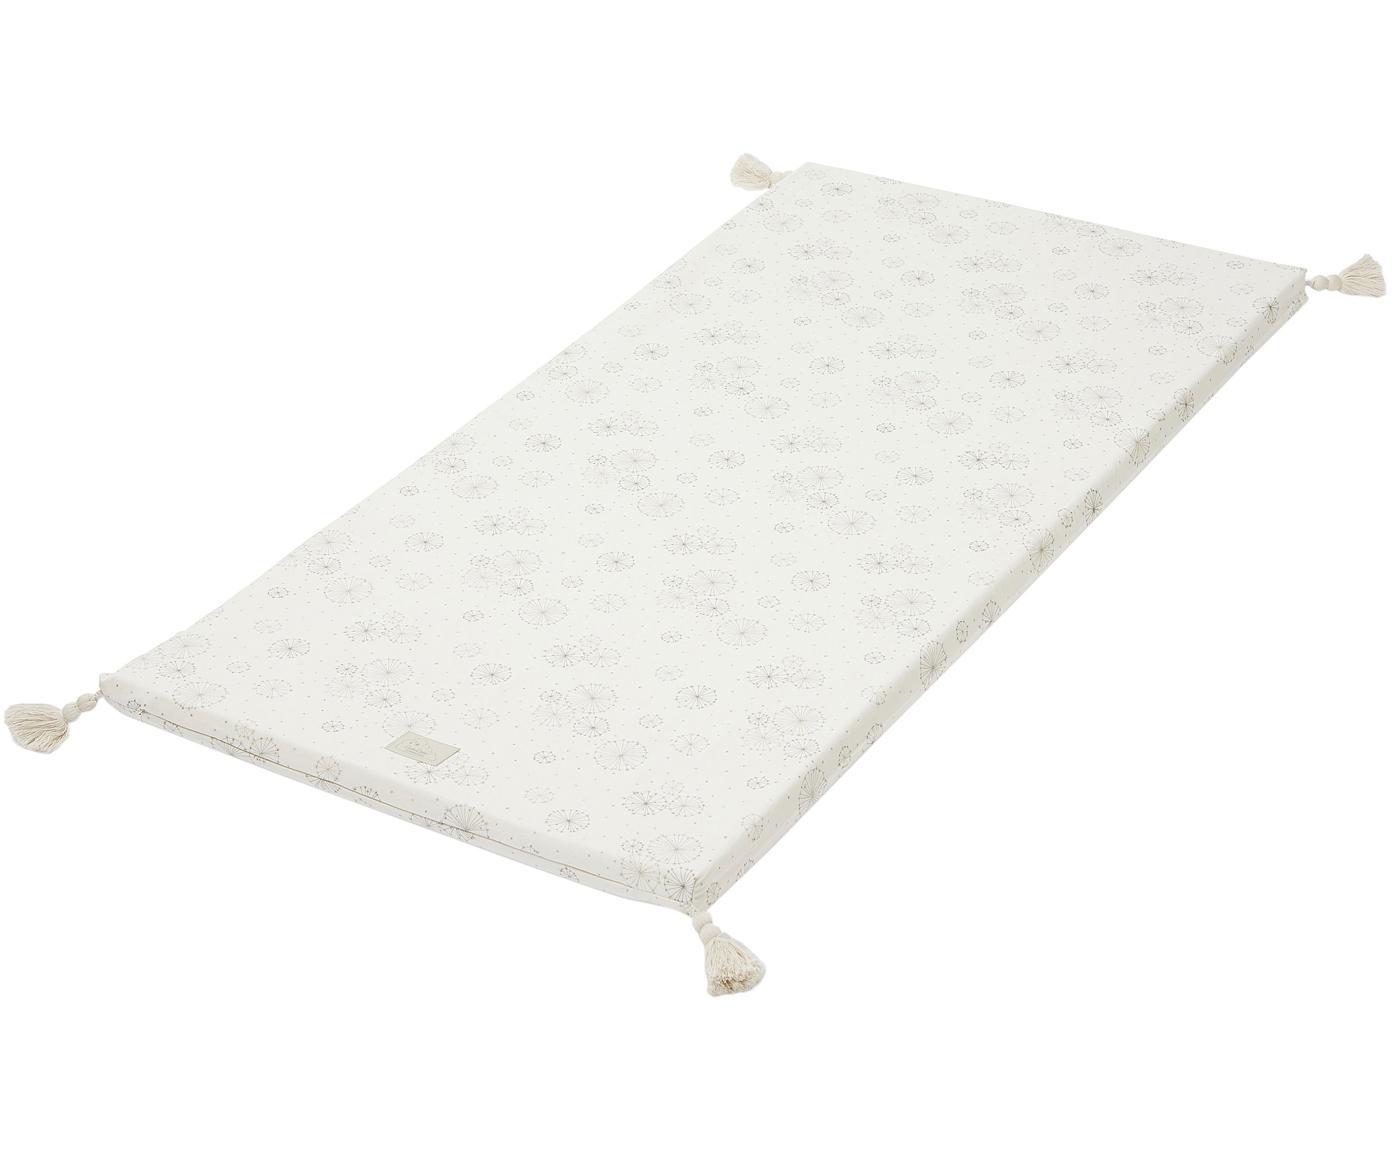 Spielmatte Dandelion aus Bio-Baumwolle, Bezug: Bio-Baumwolle, OCS-zertif, Creme, Beige, 60 x 120 cm